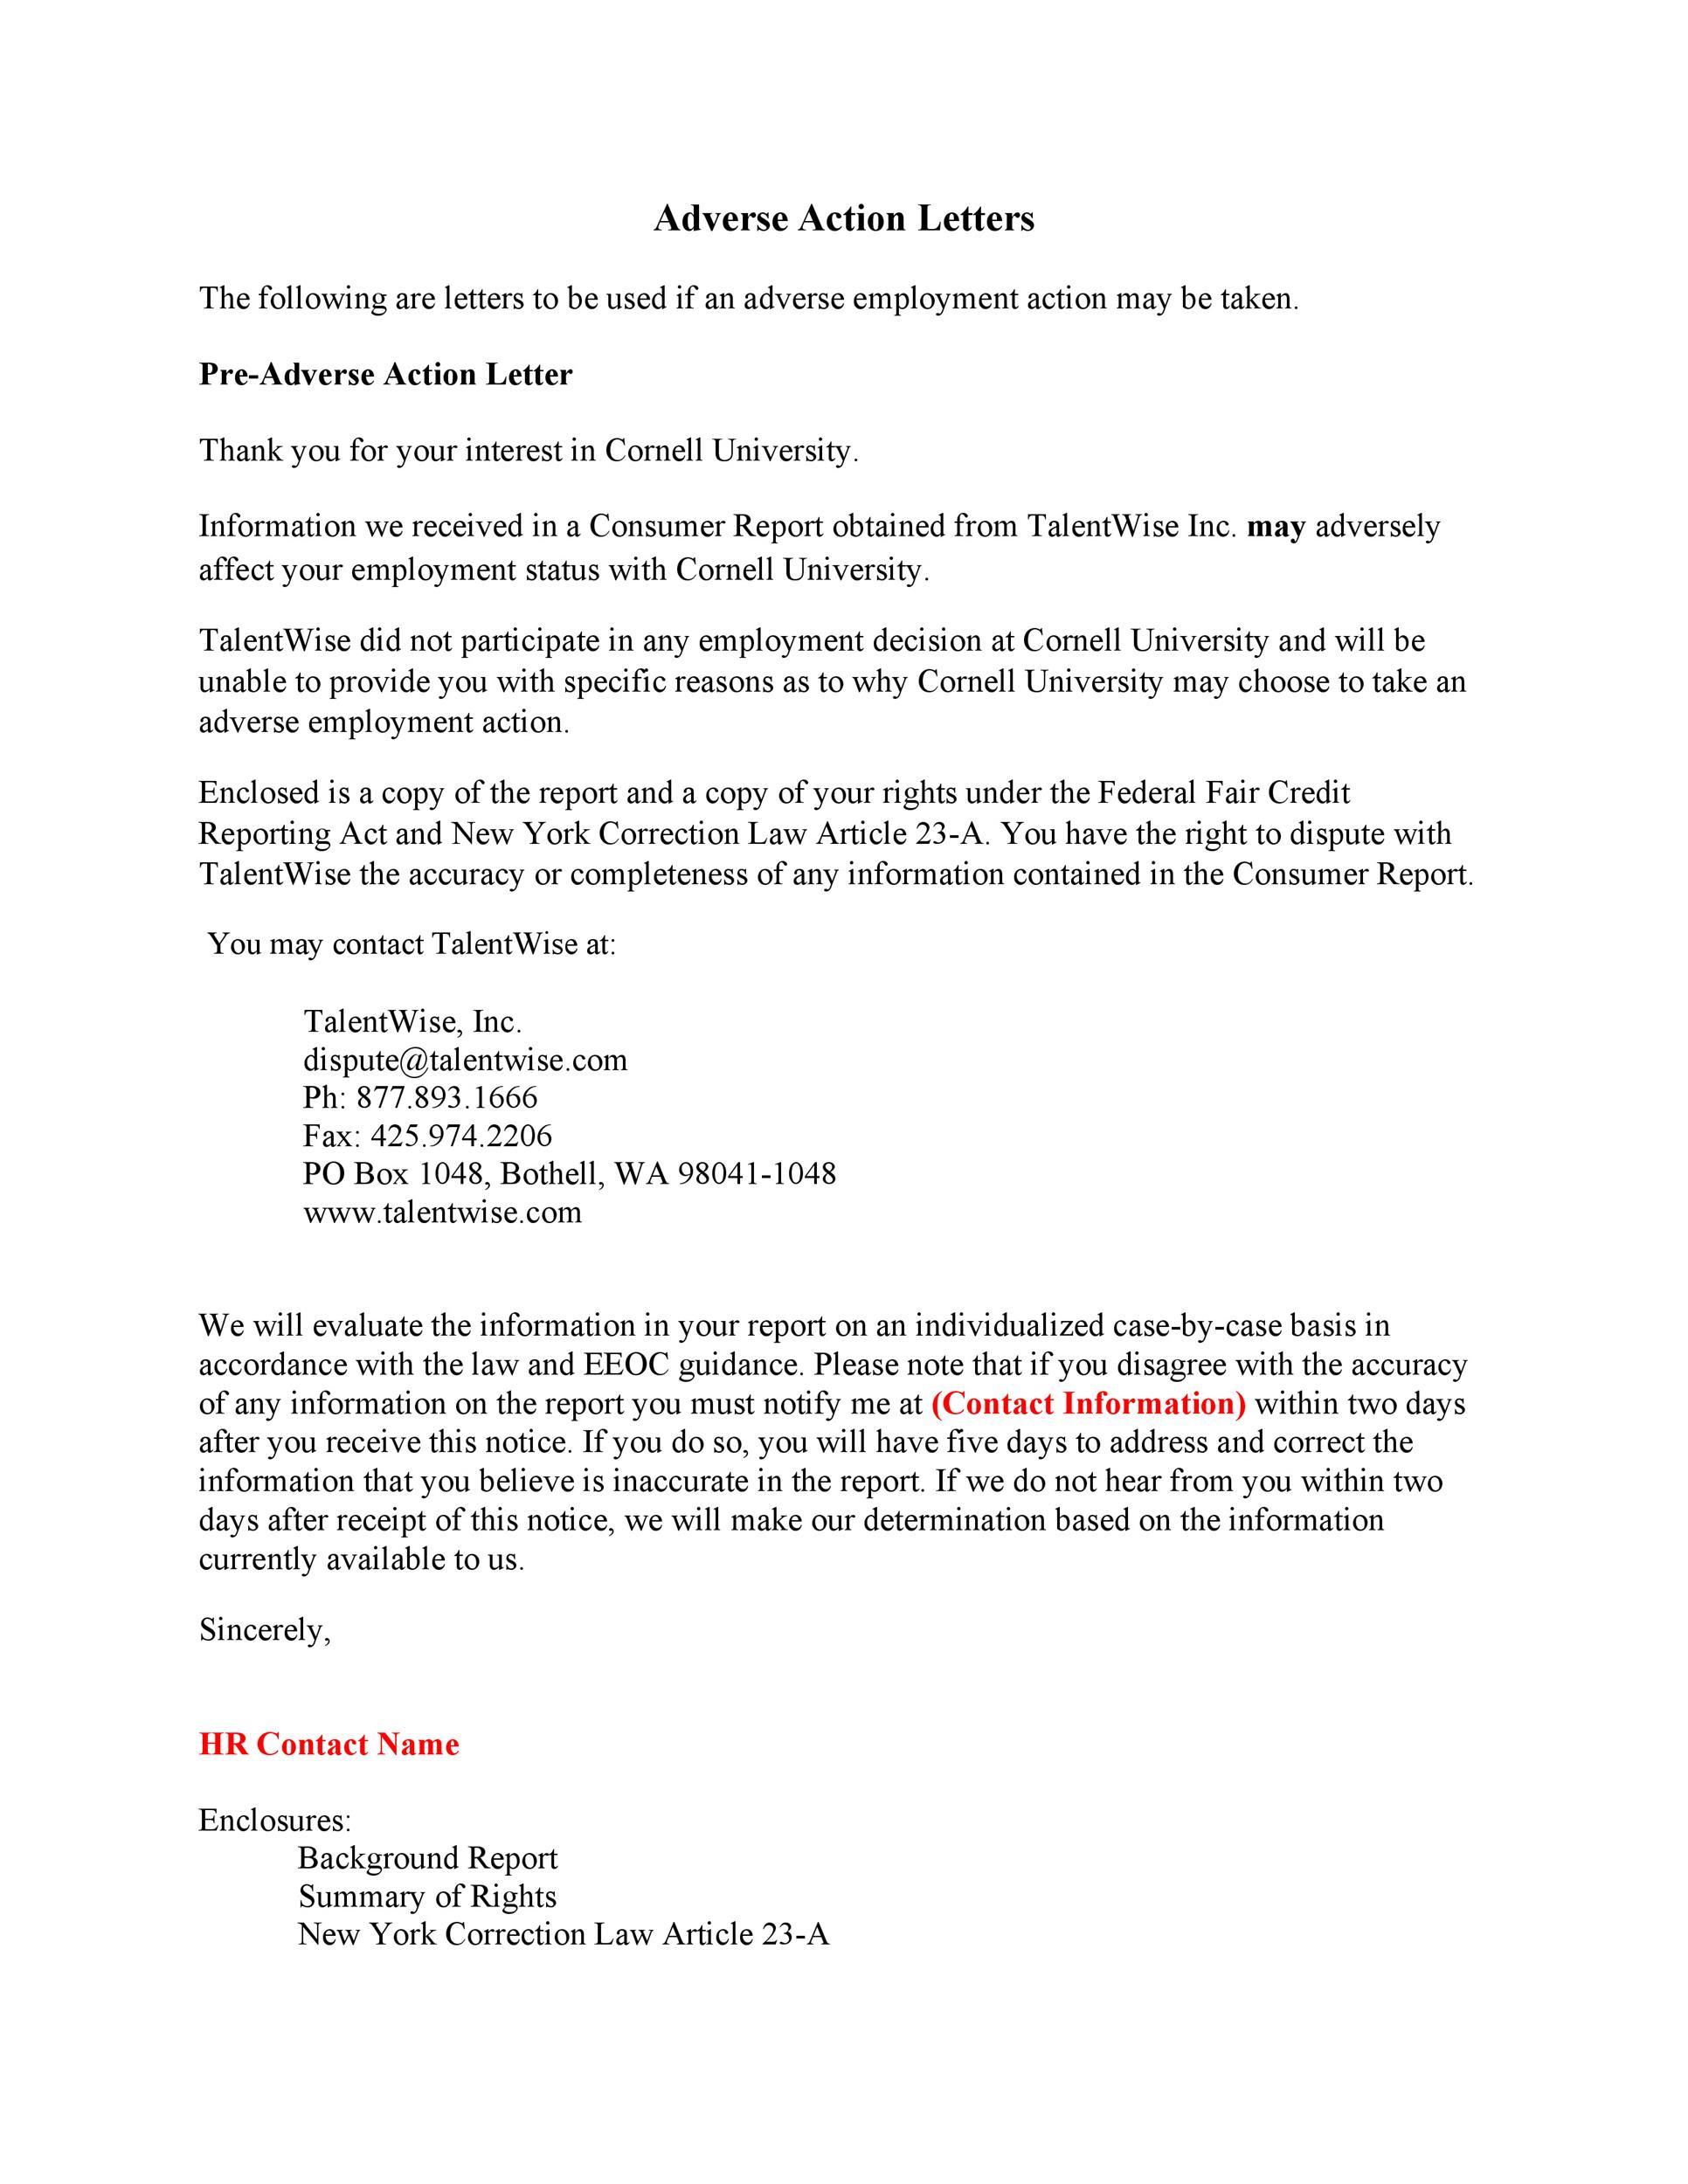 Free adverse action notice 45